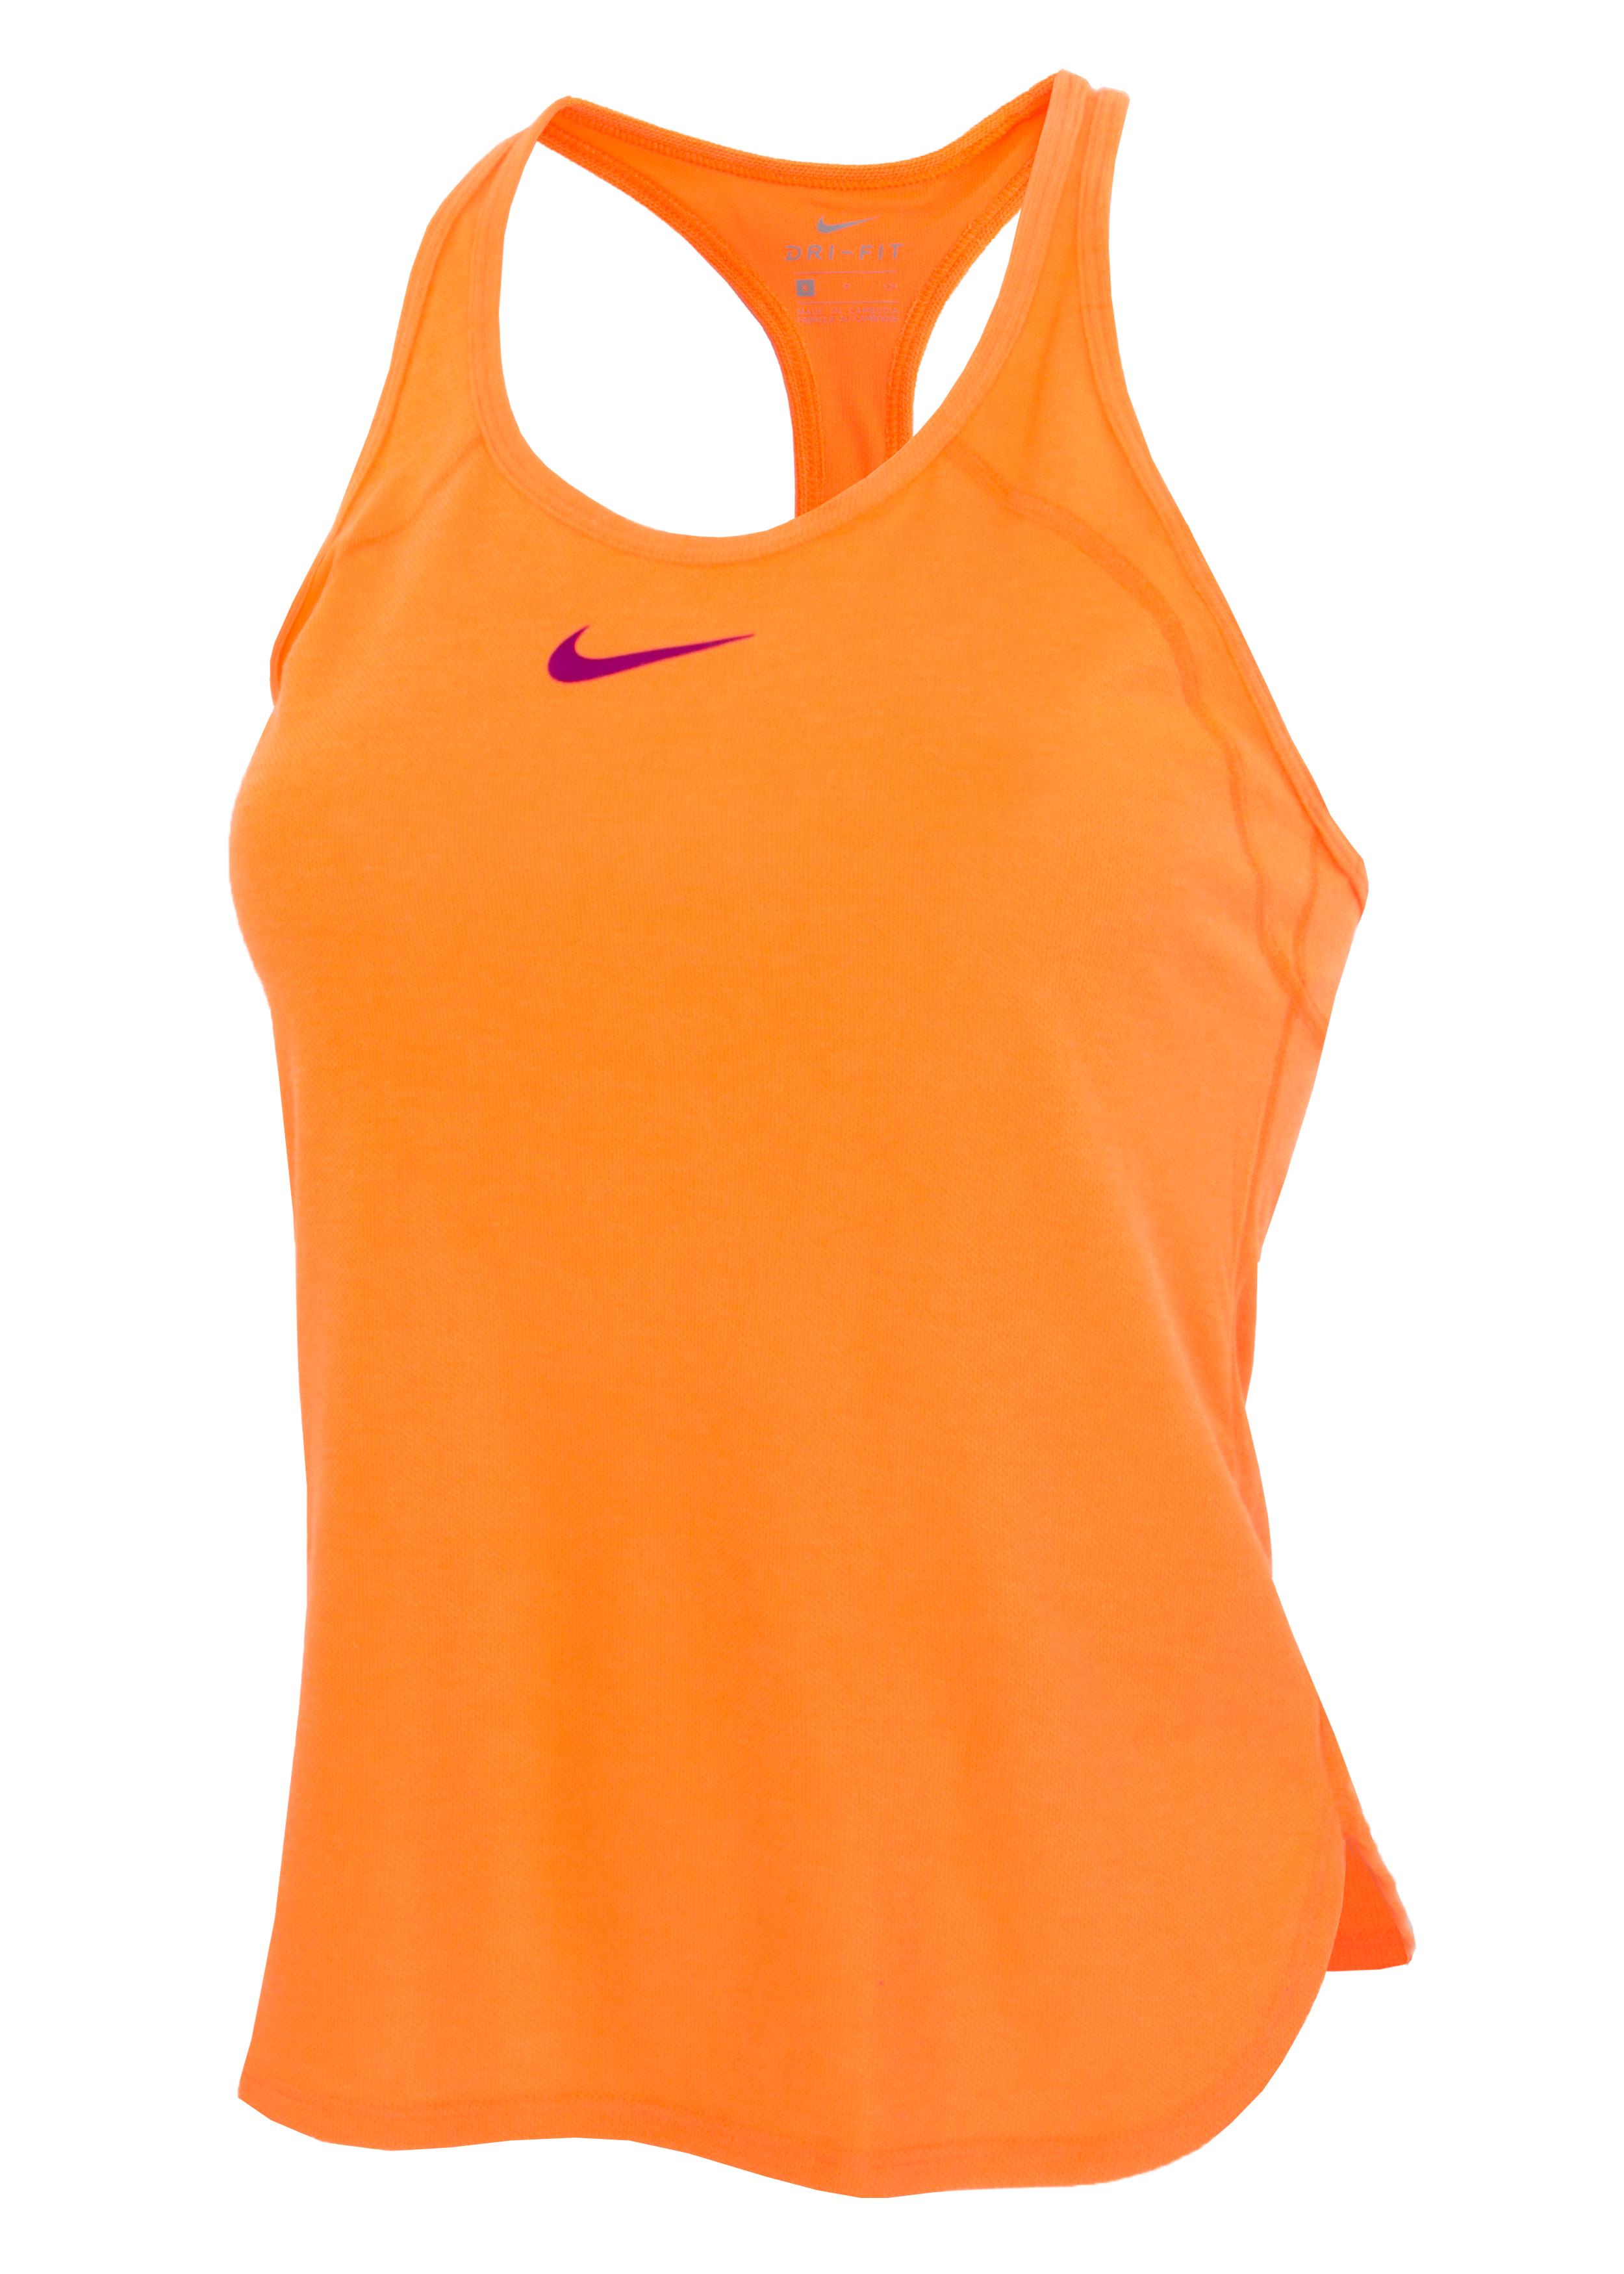 ceeab32c Майка женская Nike Dry Slam оранжевая - Сеть спортивных магазинов ...